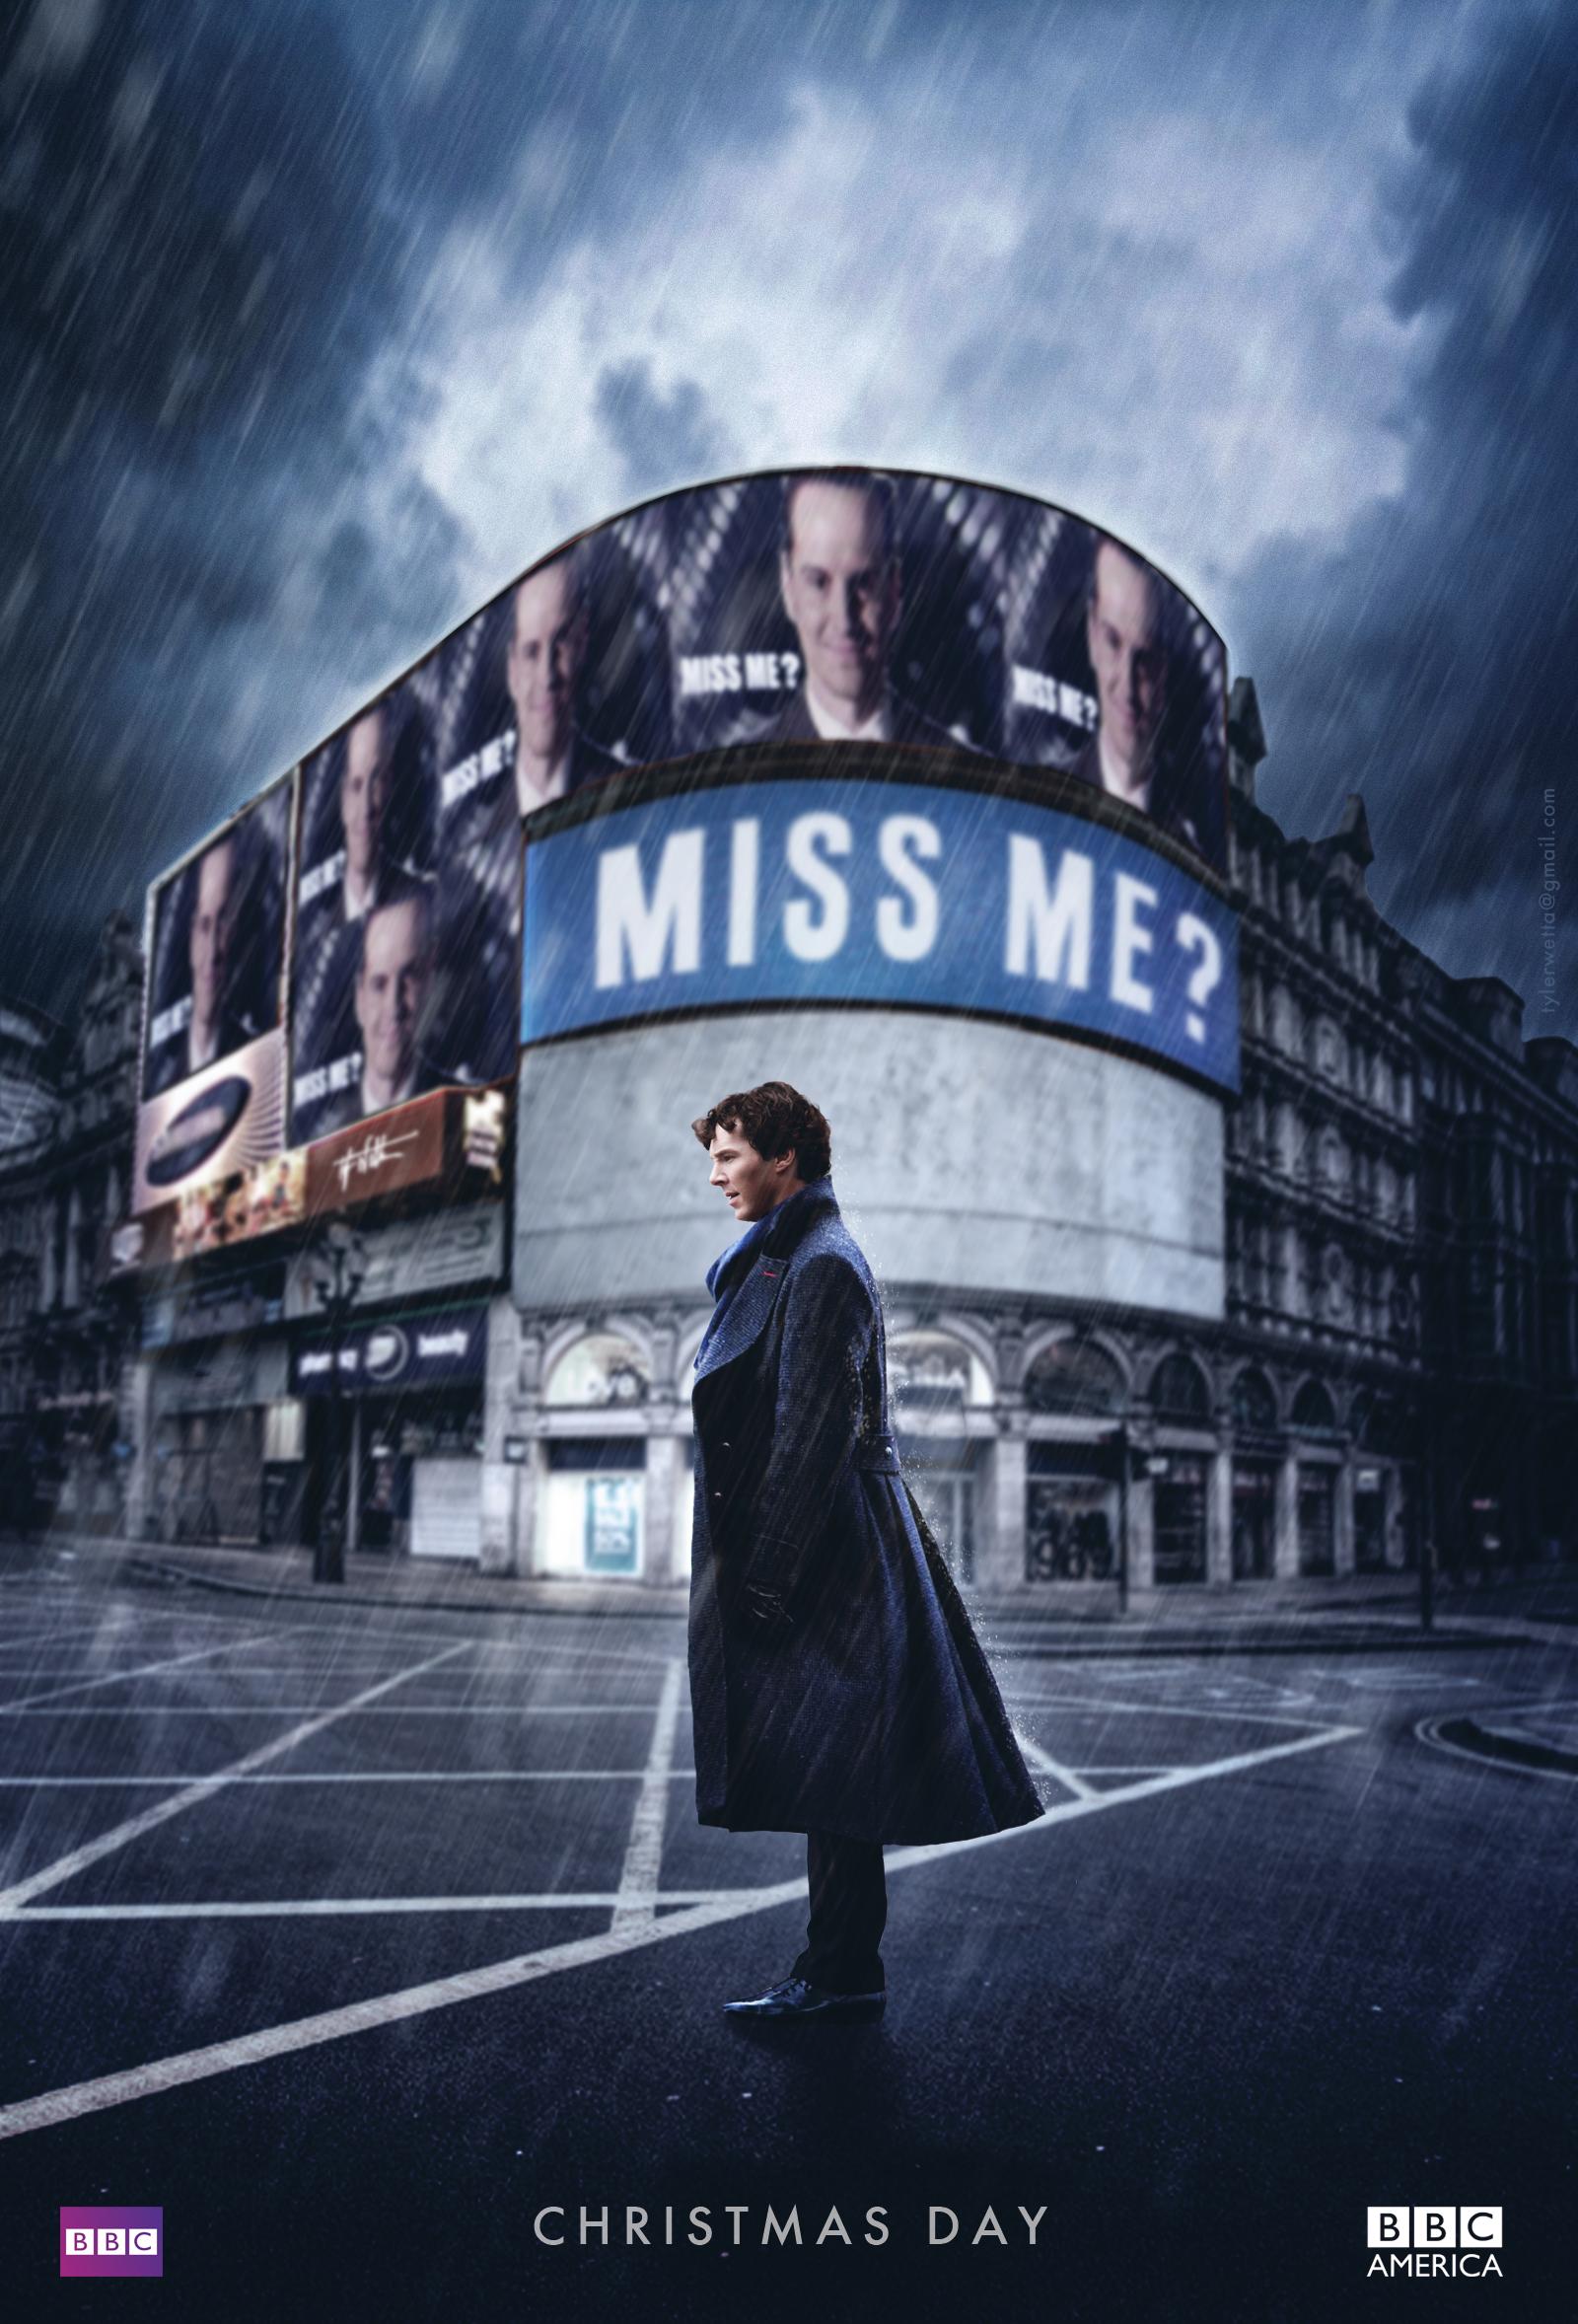 Image] An amazing fan-made Series 4 poster! ( fc01.deviantart.net )